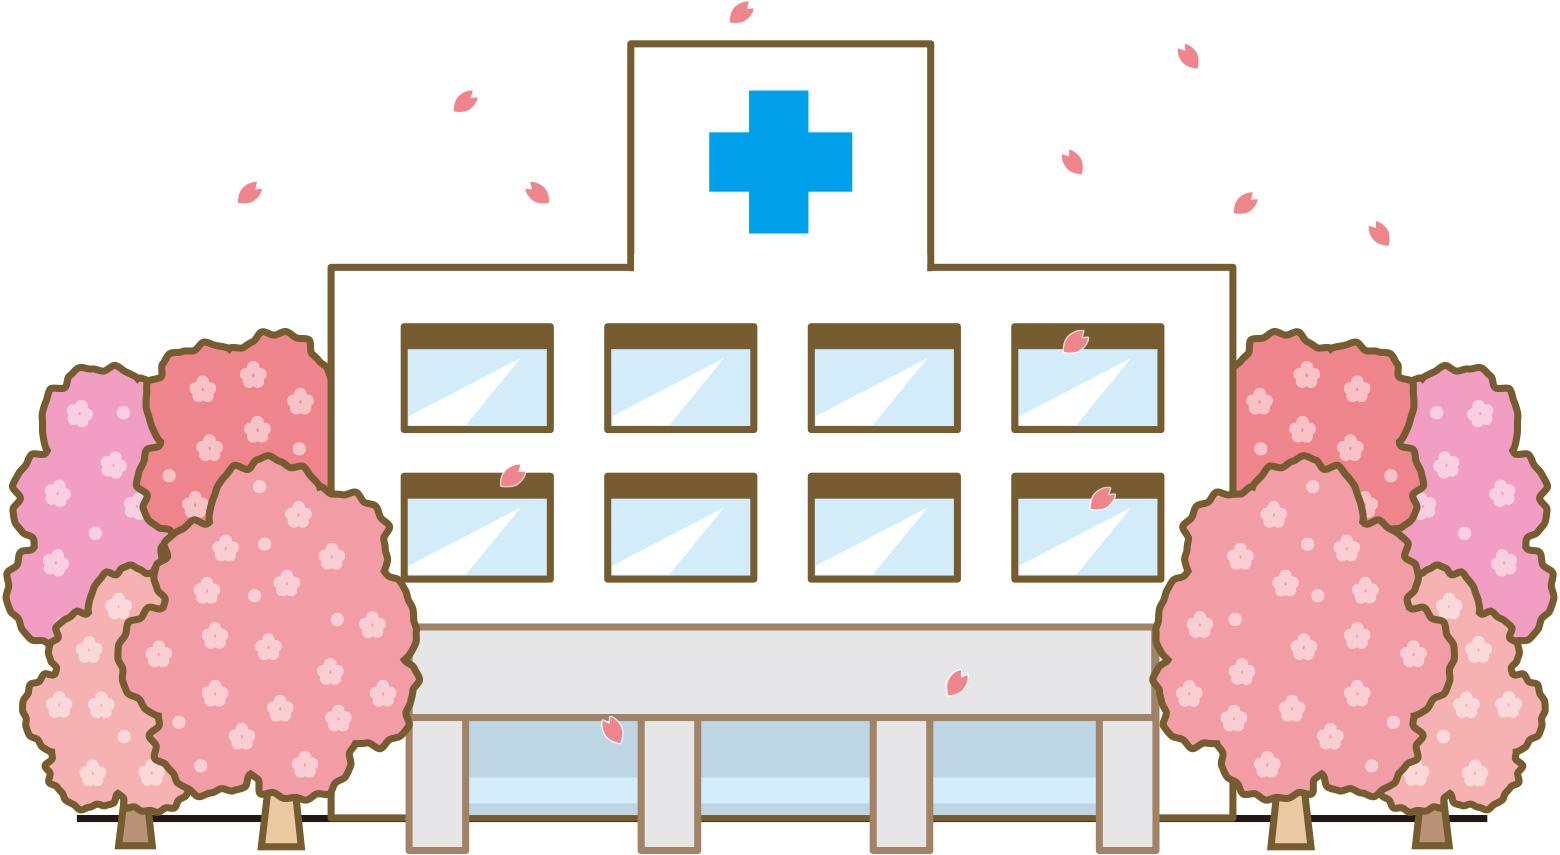 [乳がん体験記 原さん編④]他院でのセカンドオピニオン